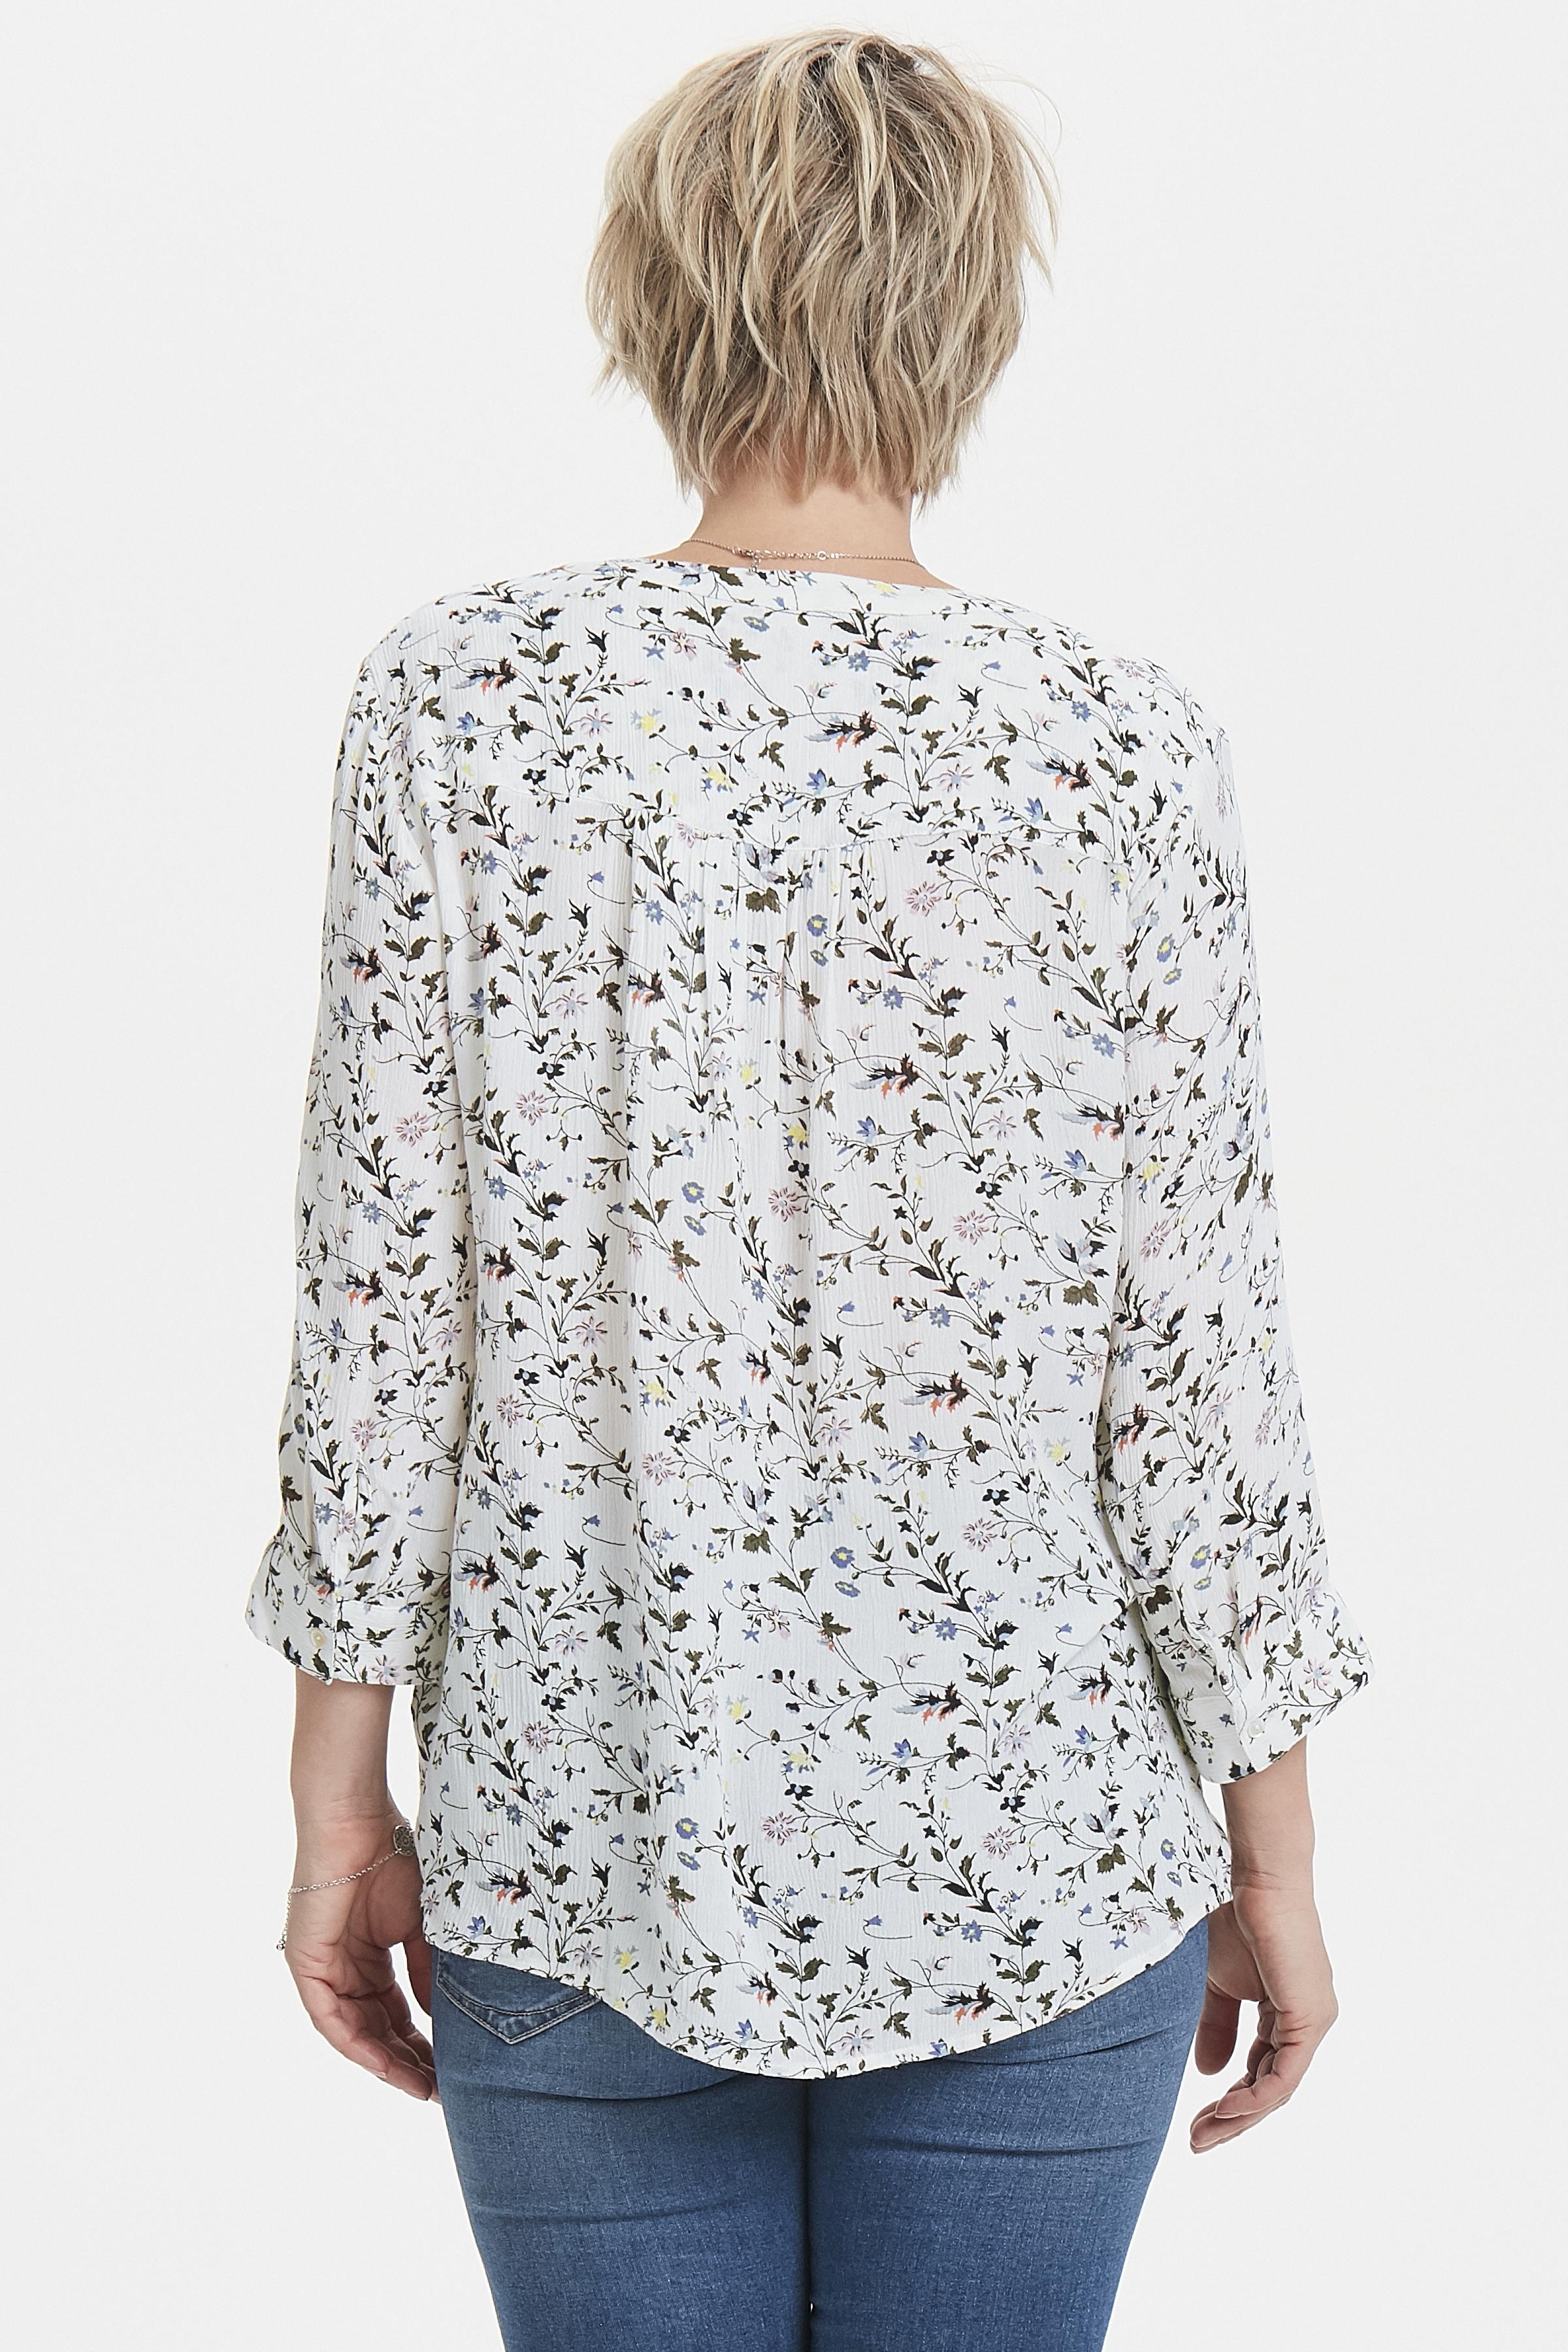 Off-white/olijfgroen Shirt van Fransa – Door Off-white/olijfgroen Shirt van maat. XS-XXL hier